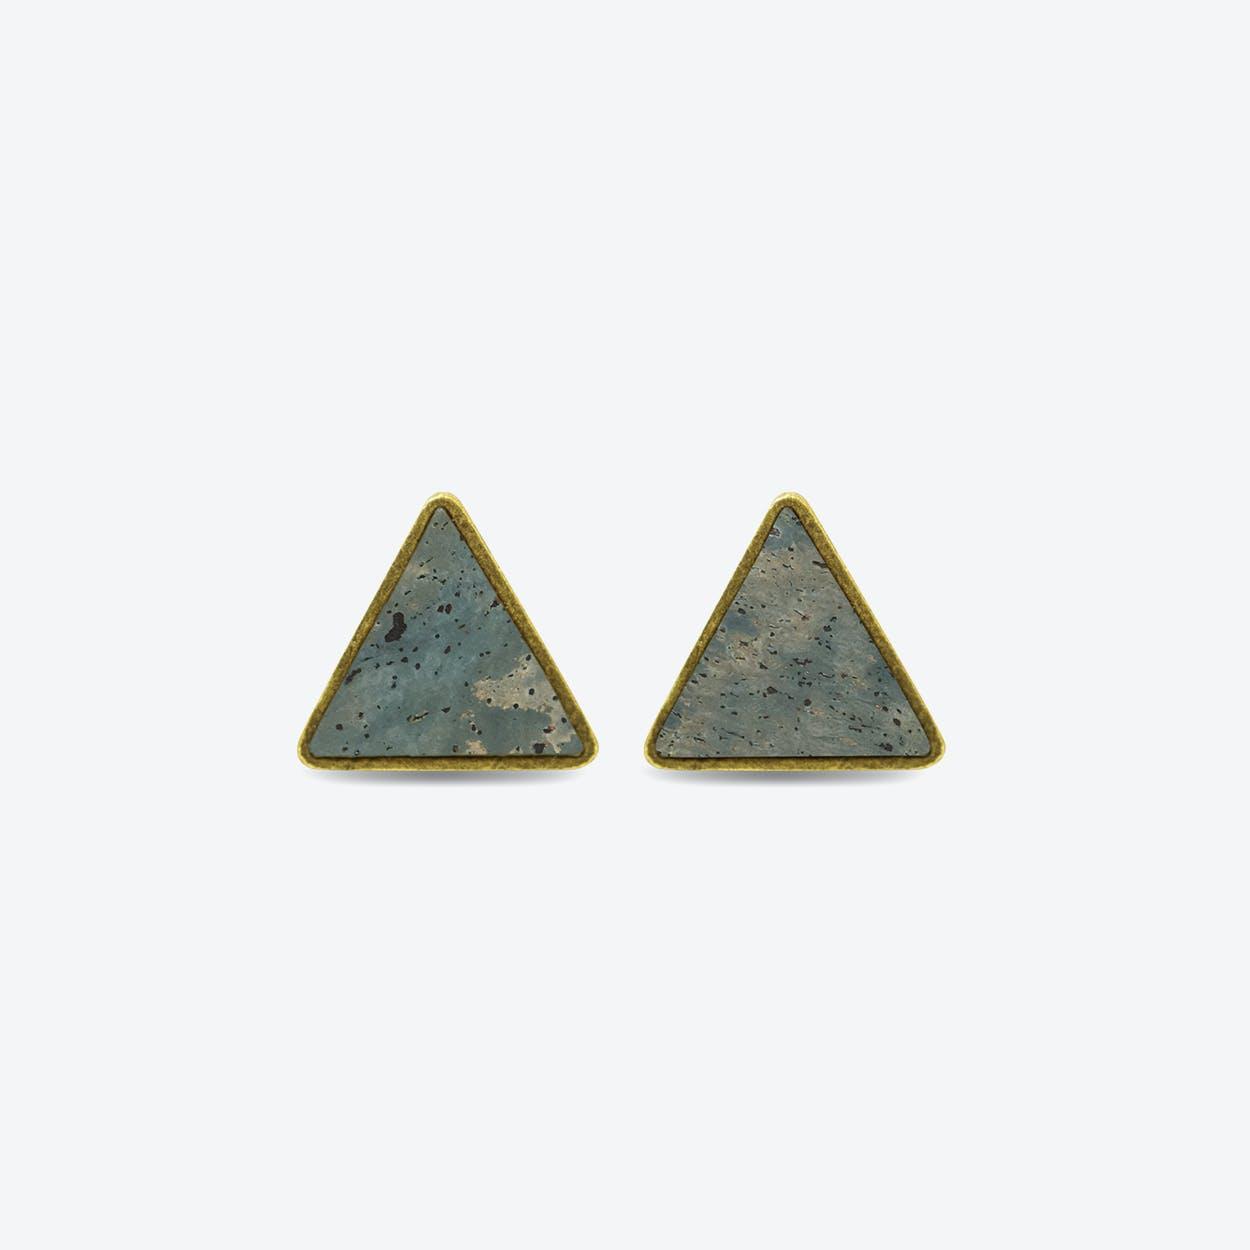 Cork Triangle Earrings in Smoke Green